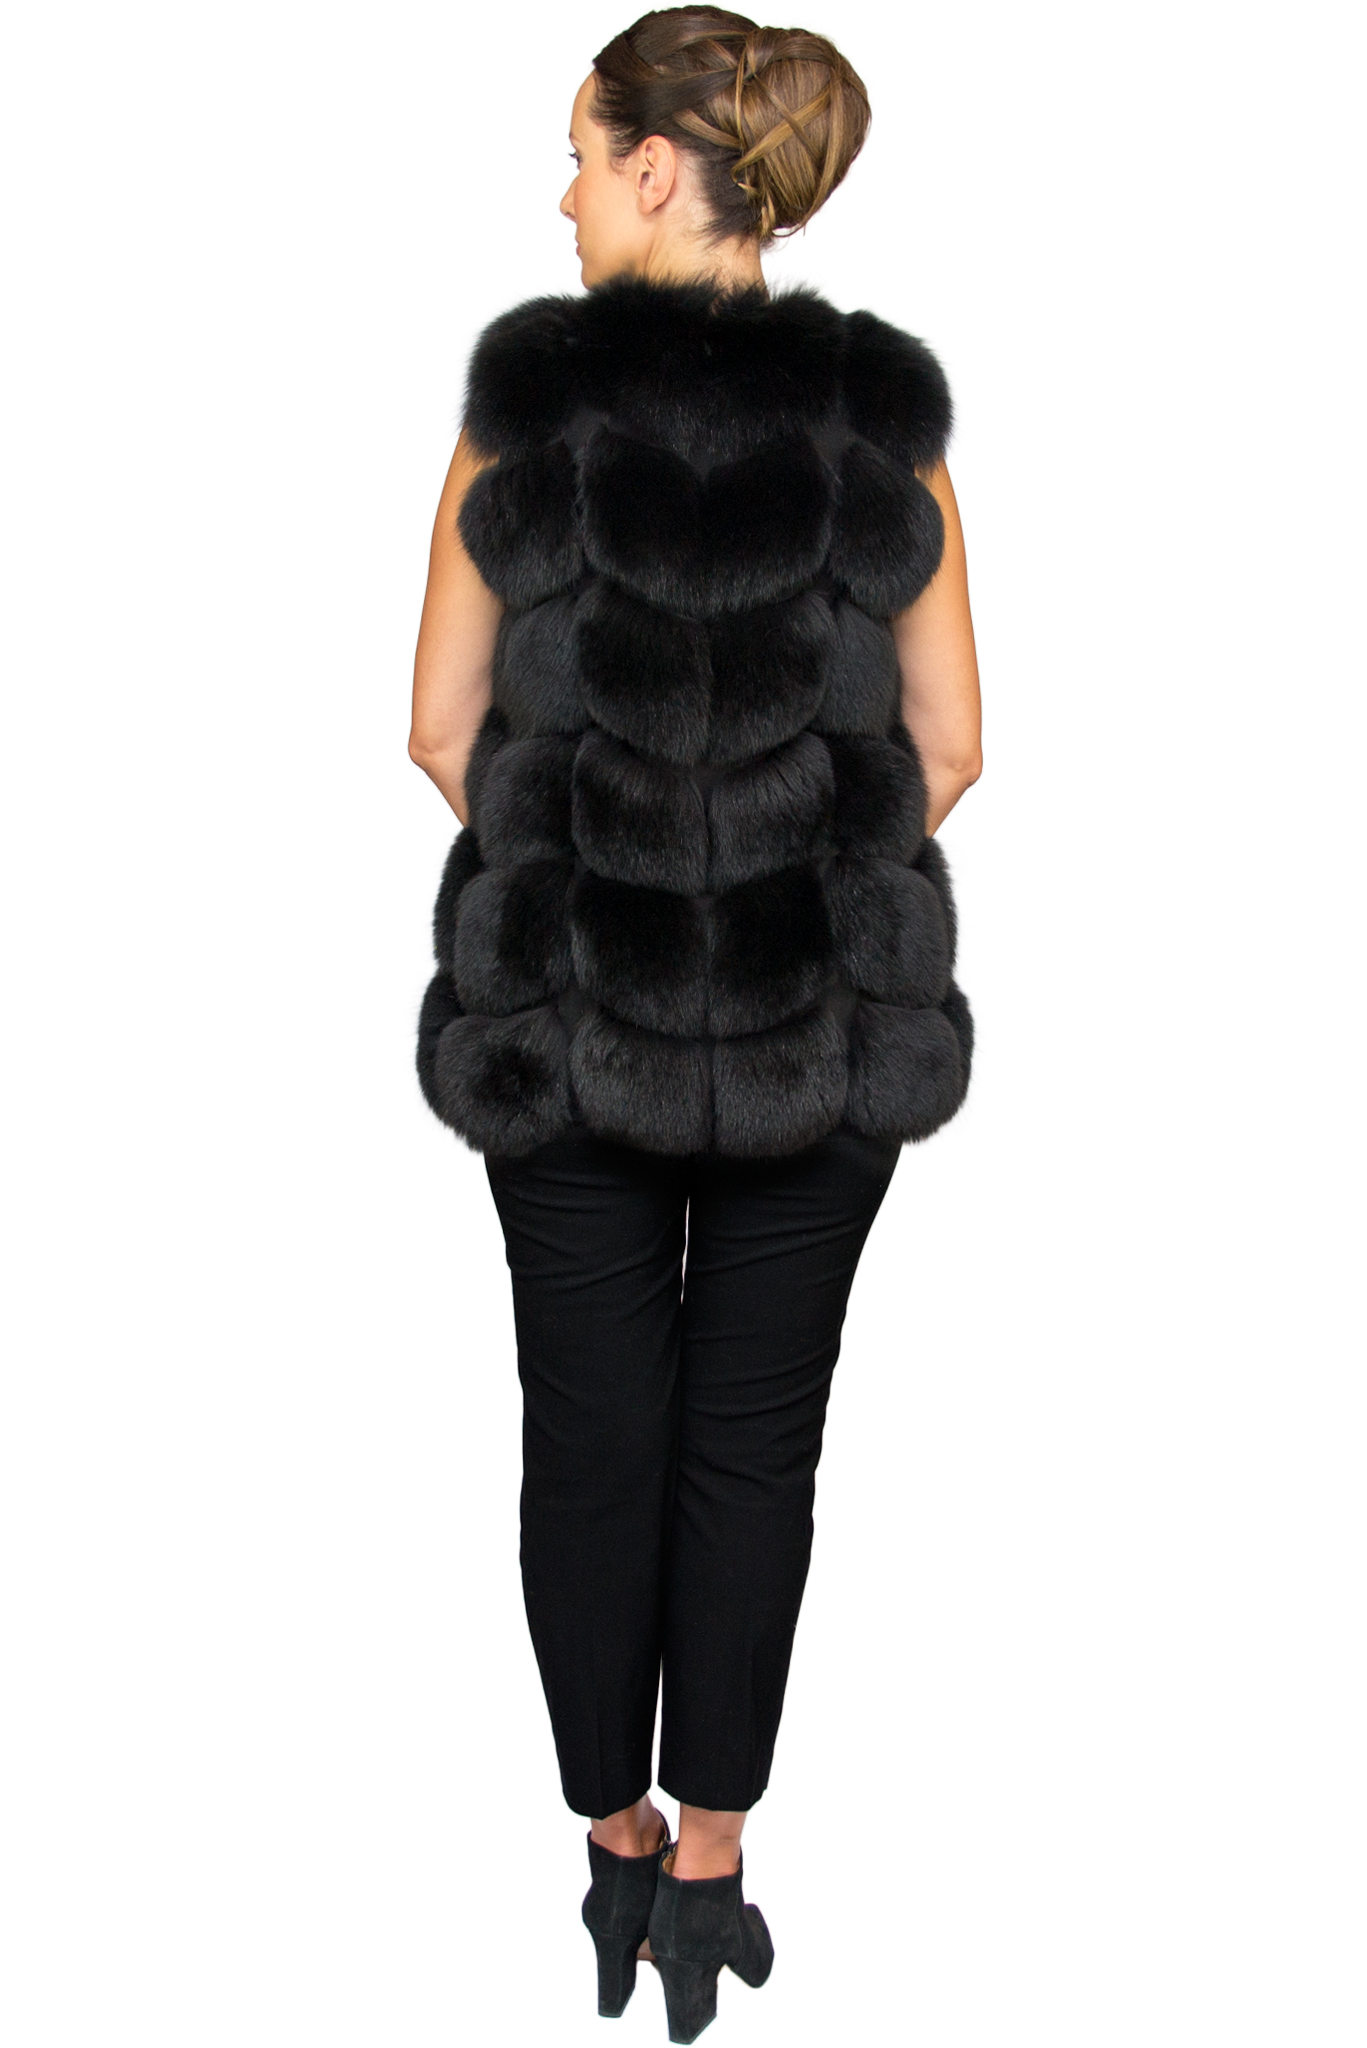 Noura Black Short - Back.jpg